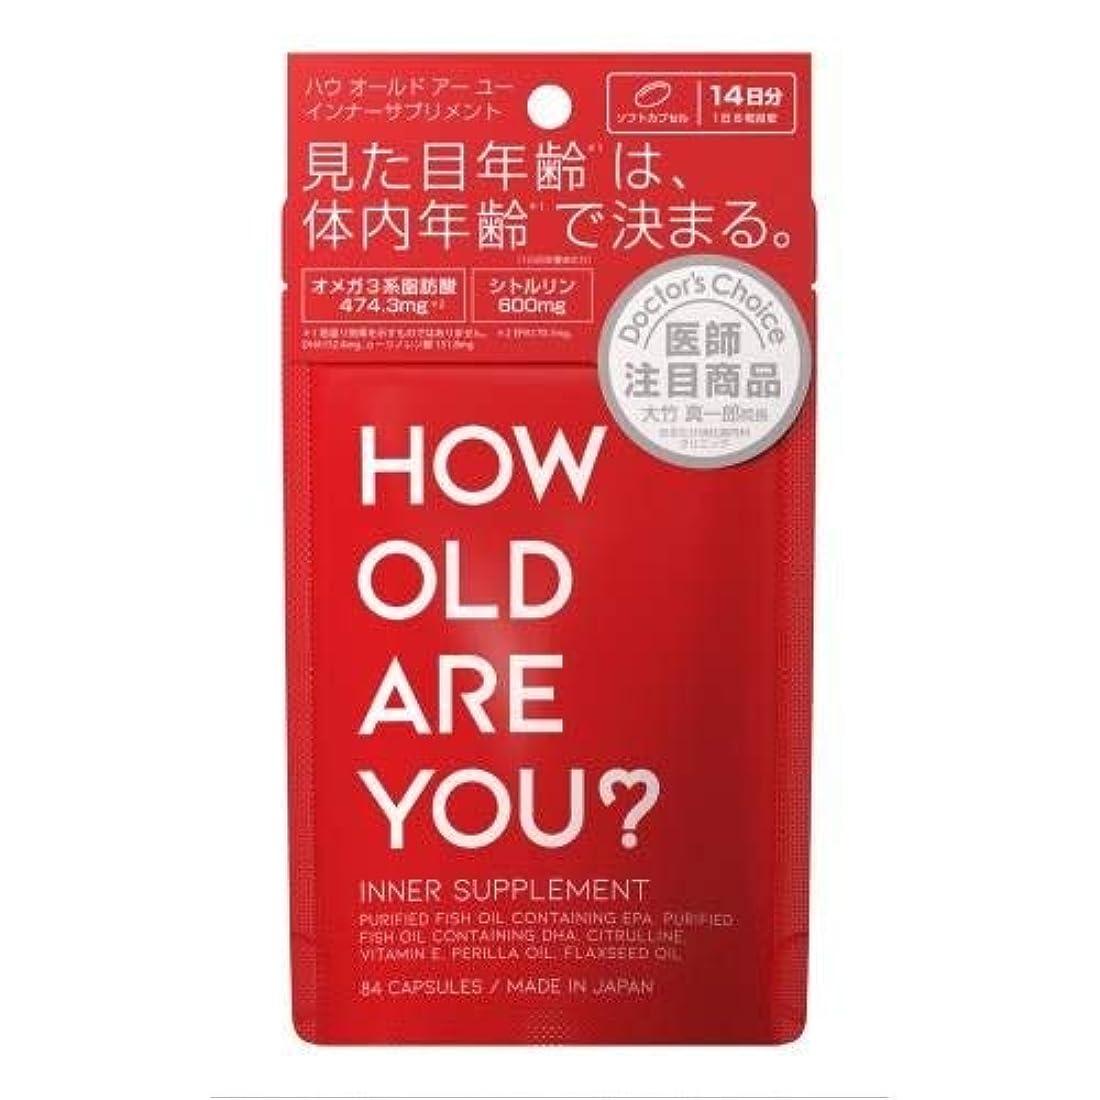 匿名イライラする霧深い【4個セット】HOW OLD ARE YOU?インナーサプリメント 84粒